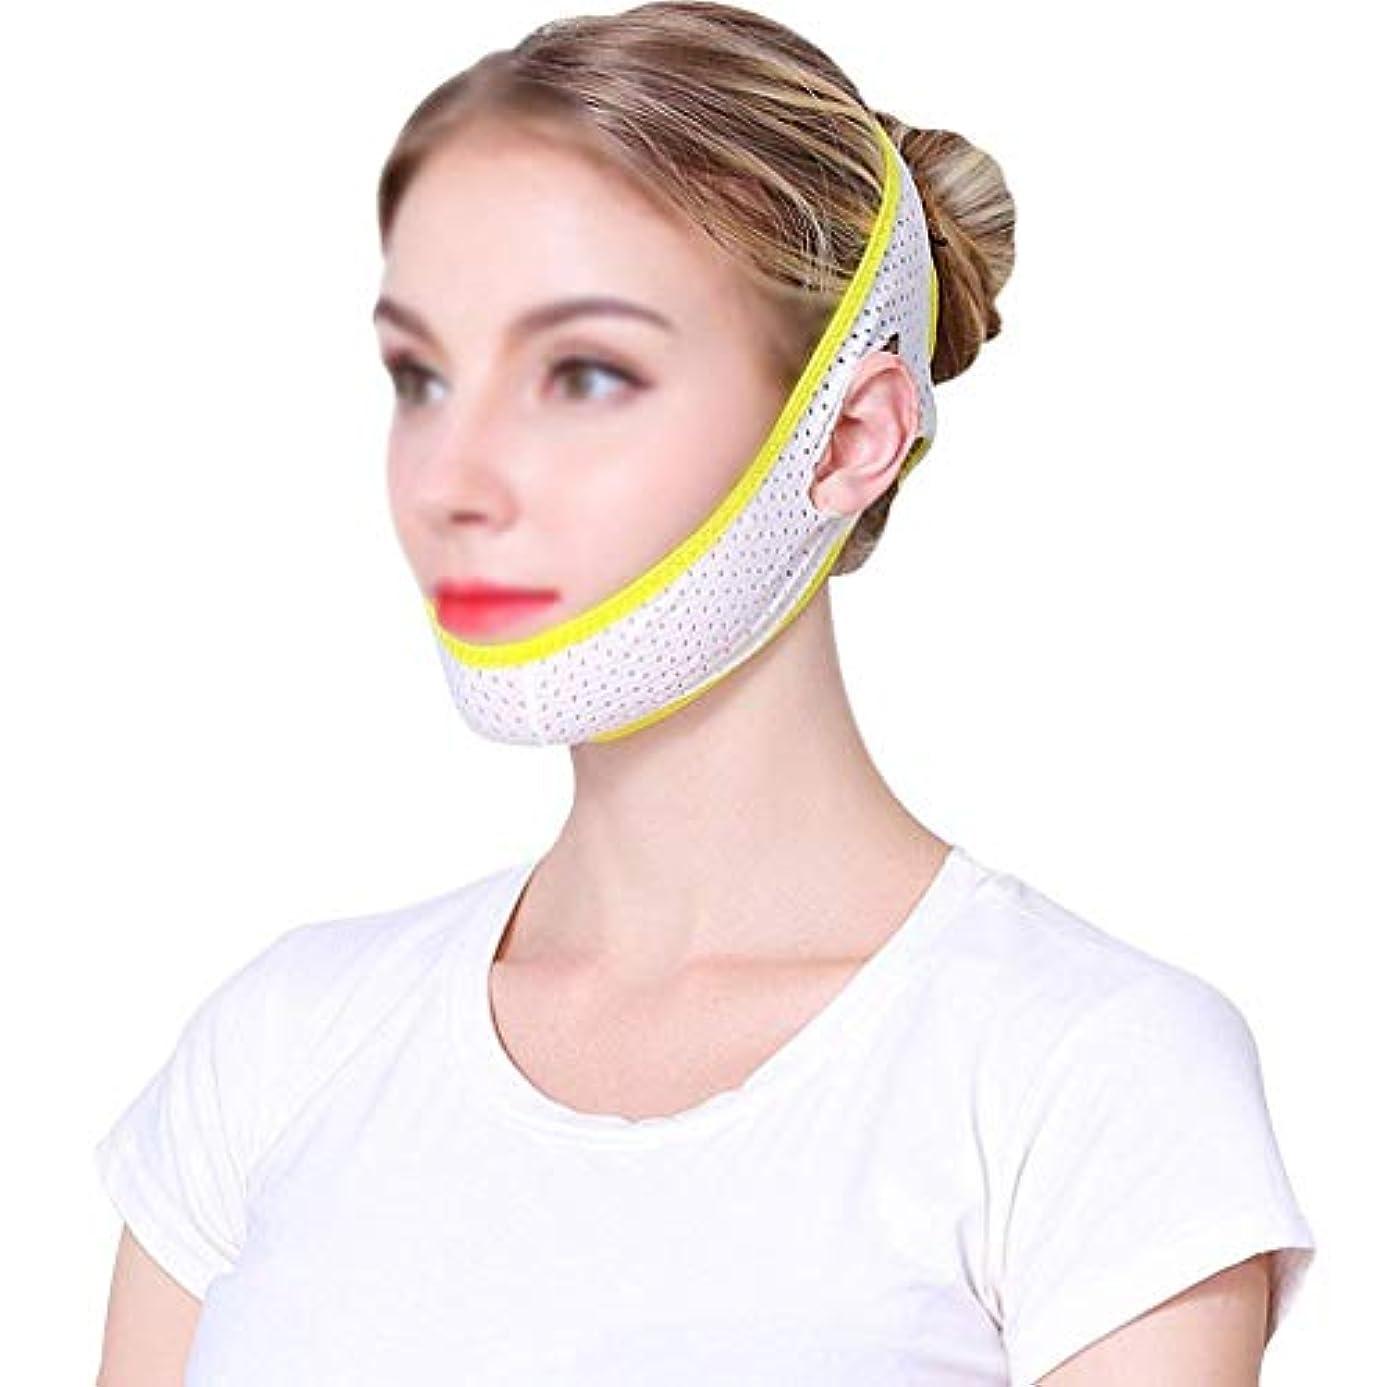 ショッキングサービス希望に満ちたマスク、包帯、整形外科の夏の通気性の薄いセクション二重あごひものVの表面の薄いフェイスマスクを持ち上げて下さい